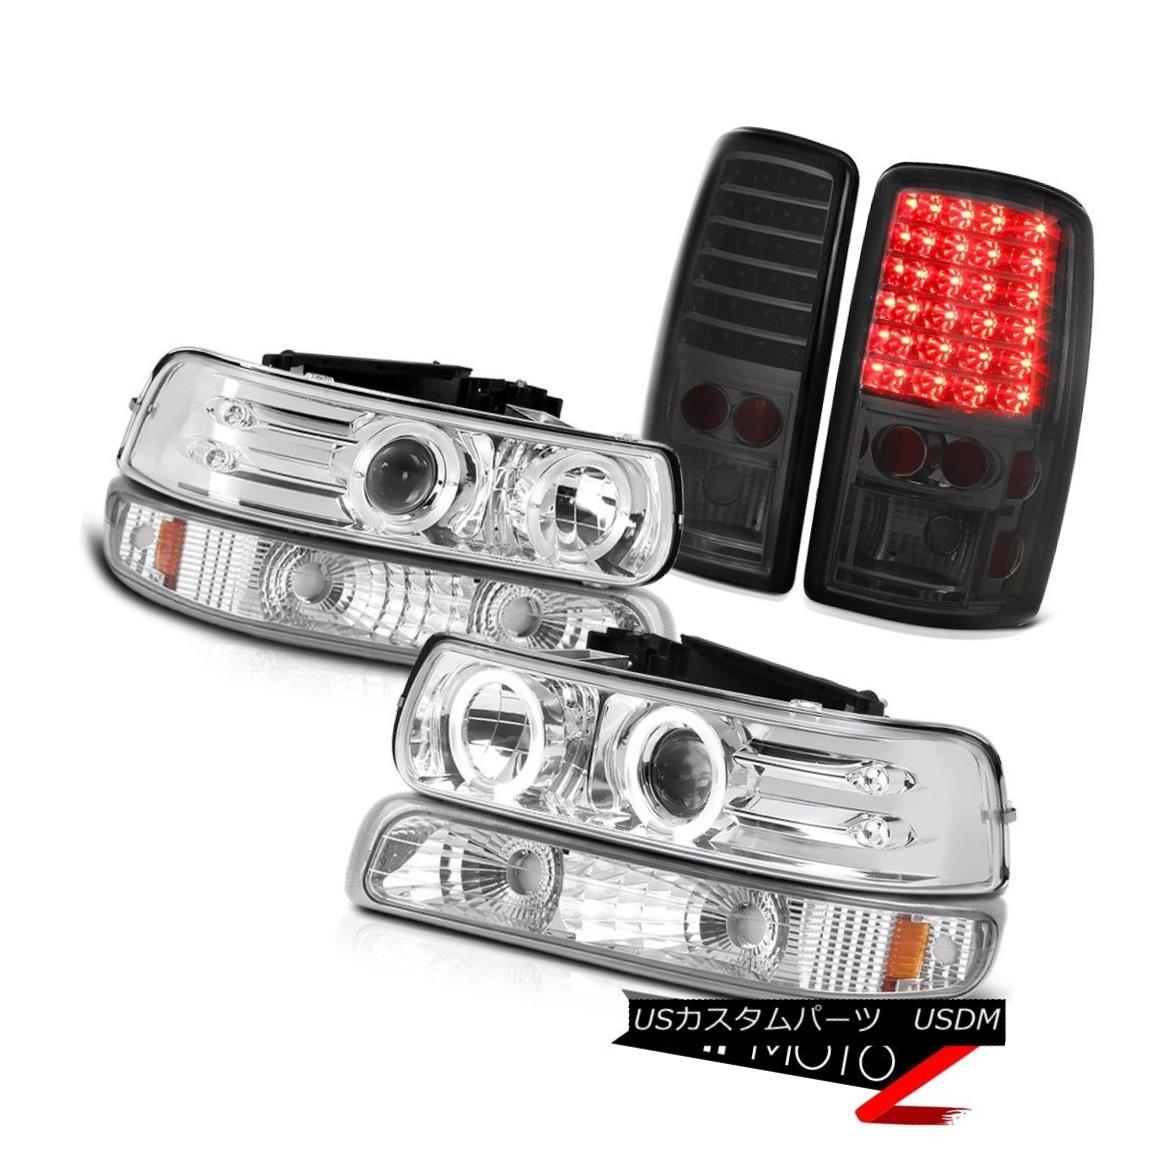 ヘッドライト 2000-2006 Suburban 2500 2X Angel Eye Projector Headlights Smoke Tail Lights LED 2000-2006郊外2500 2XエンジェルアイプロジェクターヘッドライトスモークテールライトLED